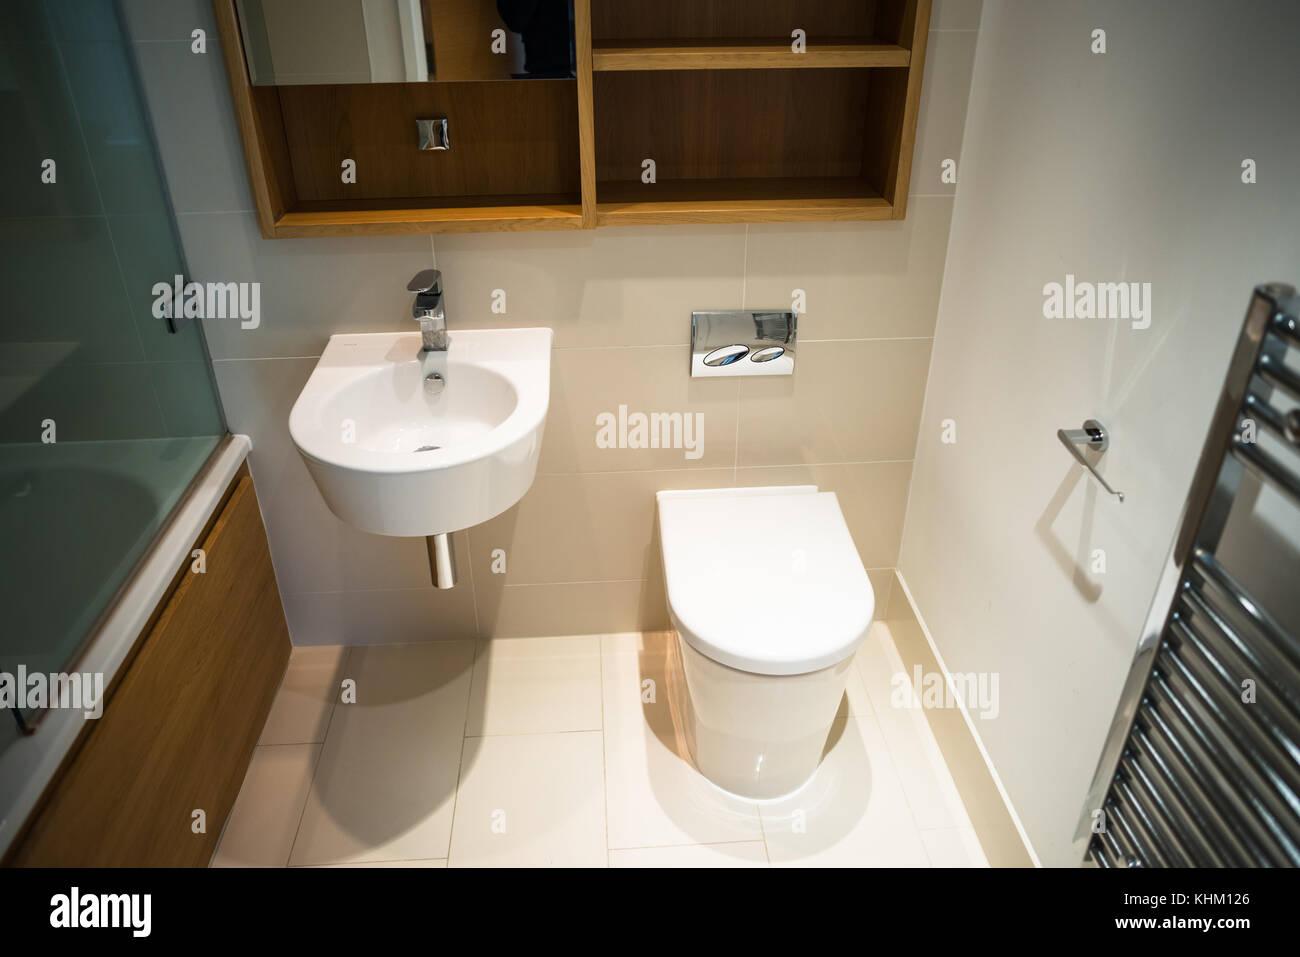 badezimmer bauen, modernes badezimmer mit toilette, waschbecken und badewanne in neue, Badezimmer